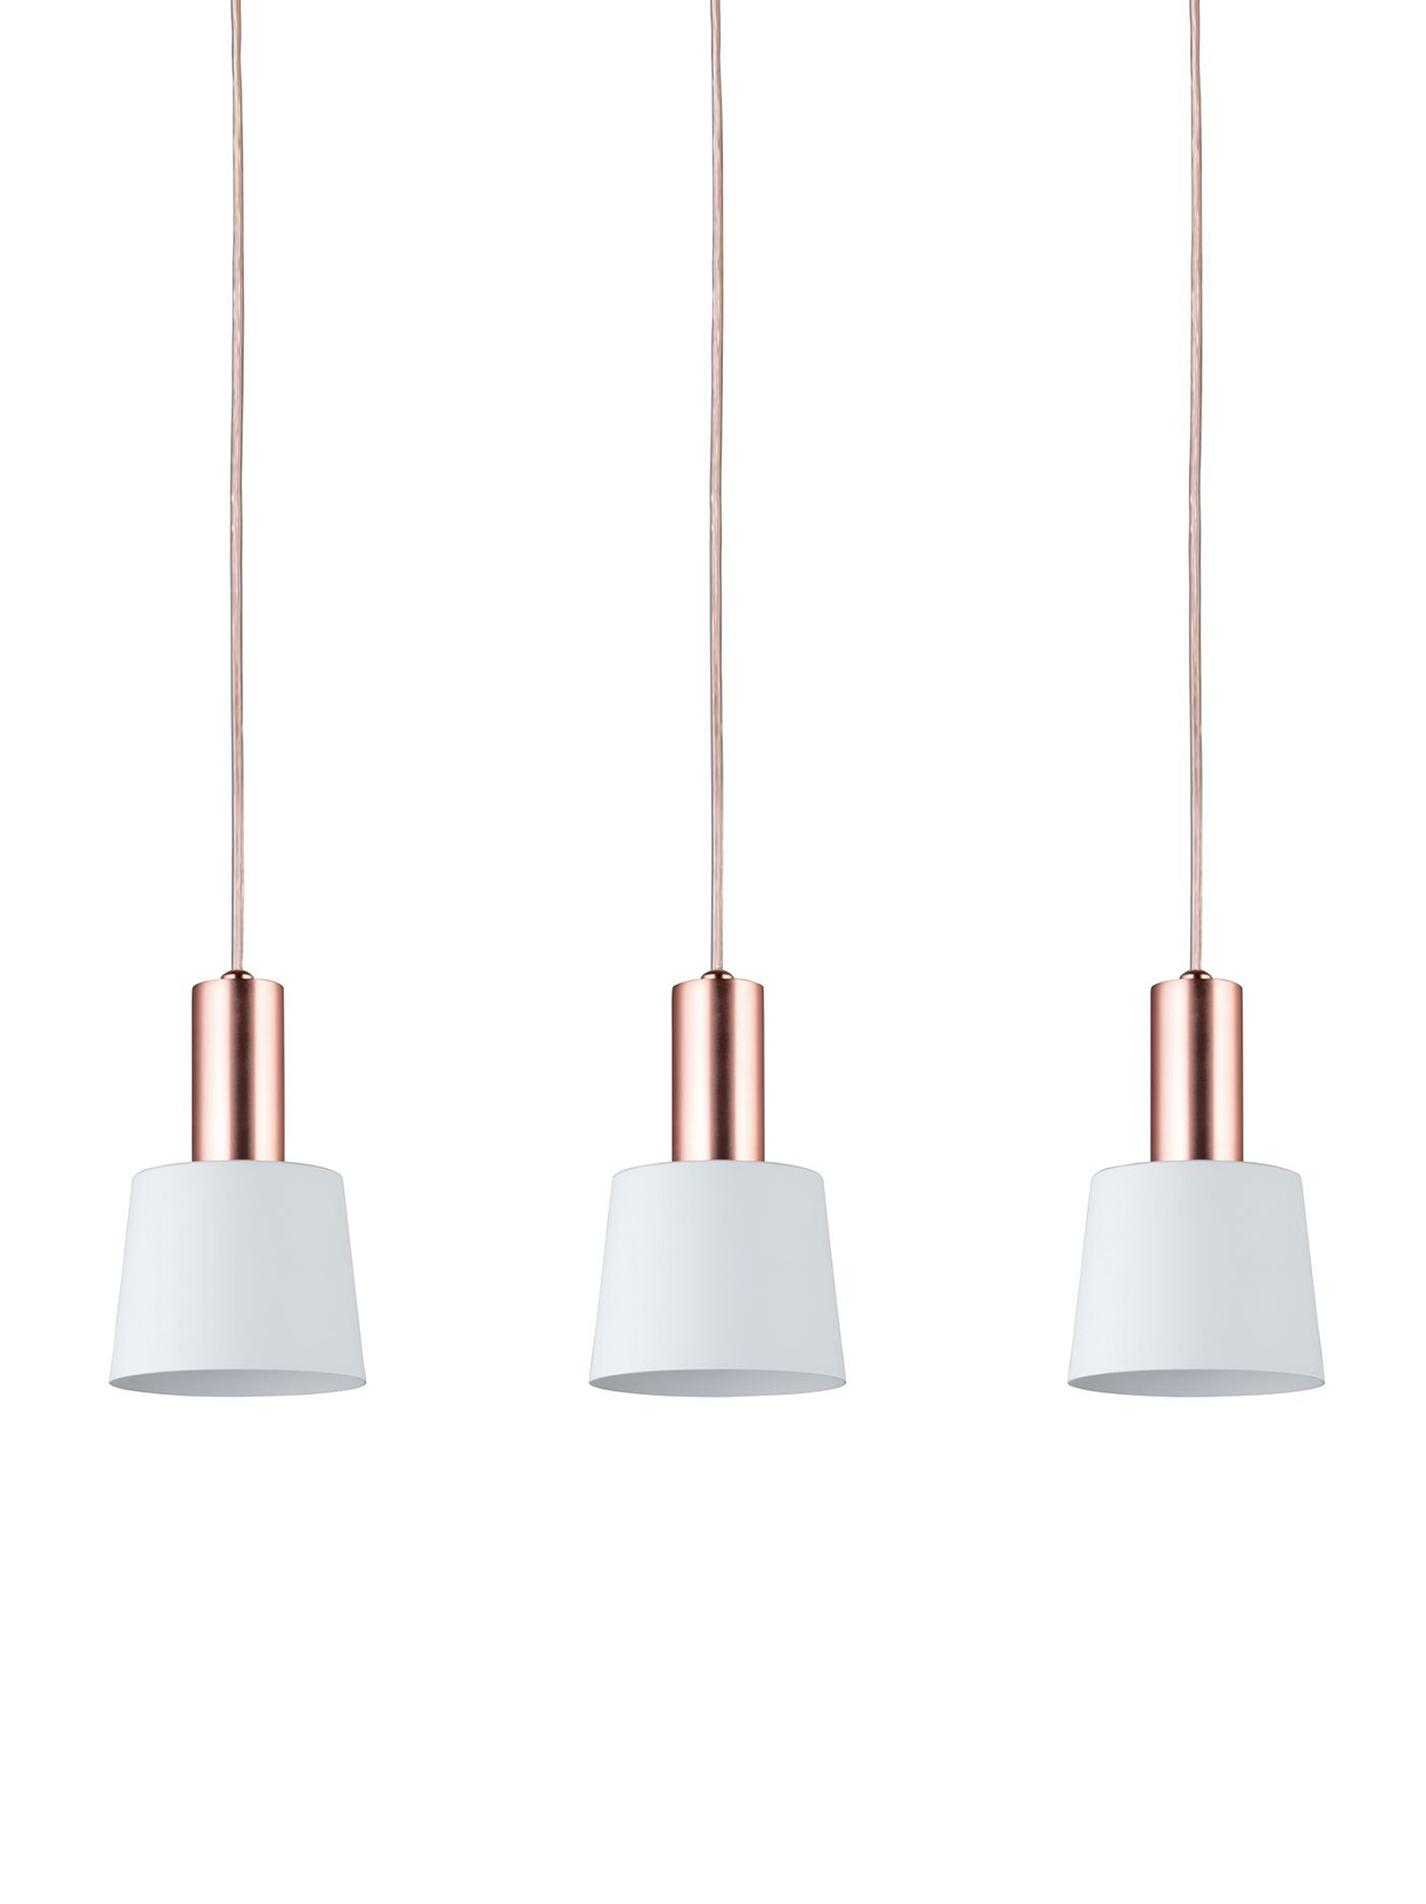 Pendelleuchte Haldar, Weiß, Kupferfarben, 55 x 19 cm